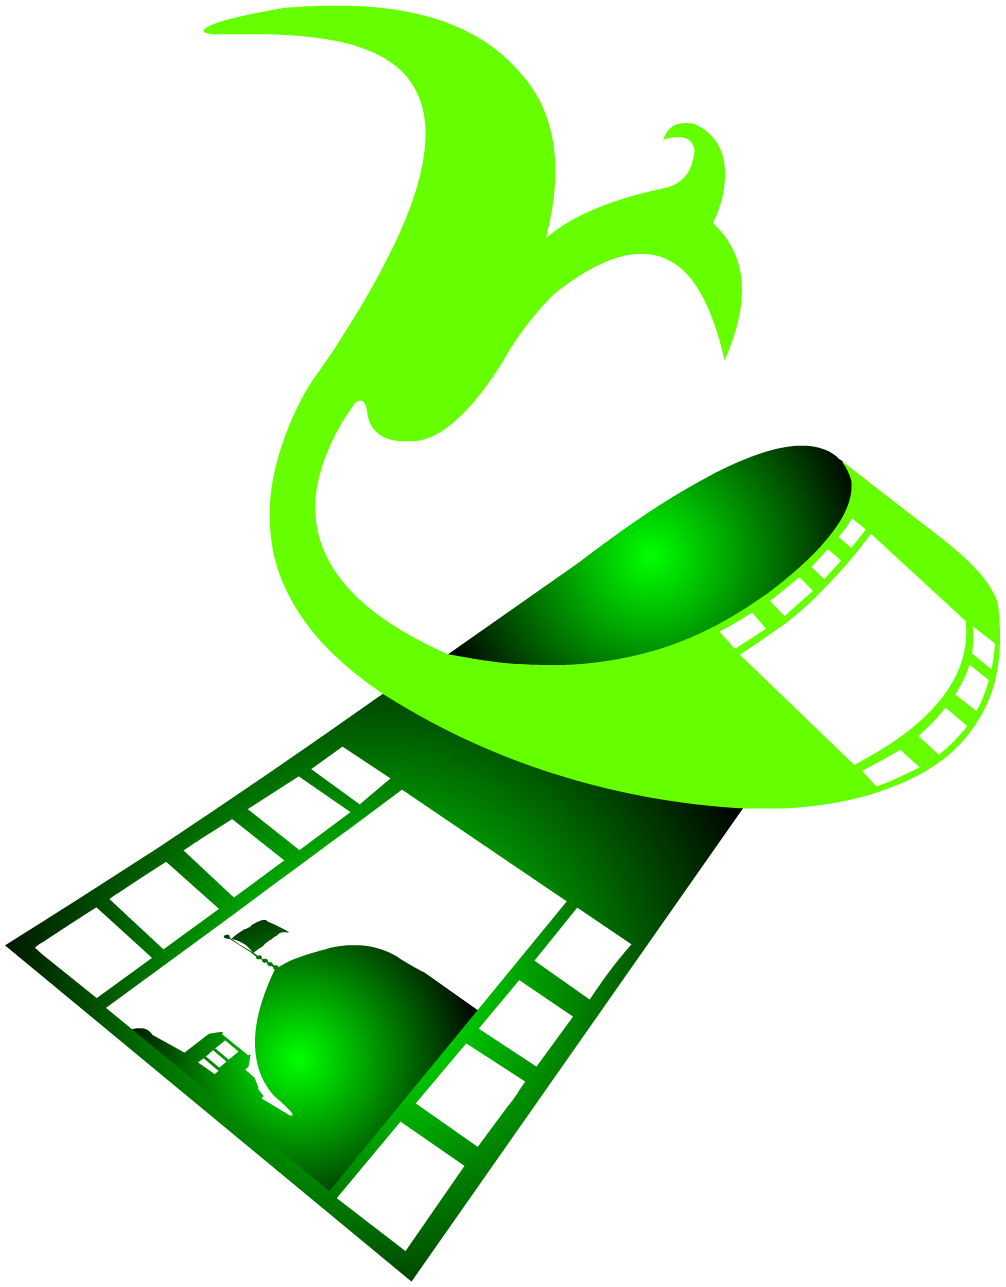 لوگو و نماد و آرم جشنواره فیلم فجر تهران در مشهد